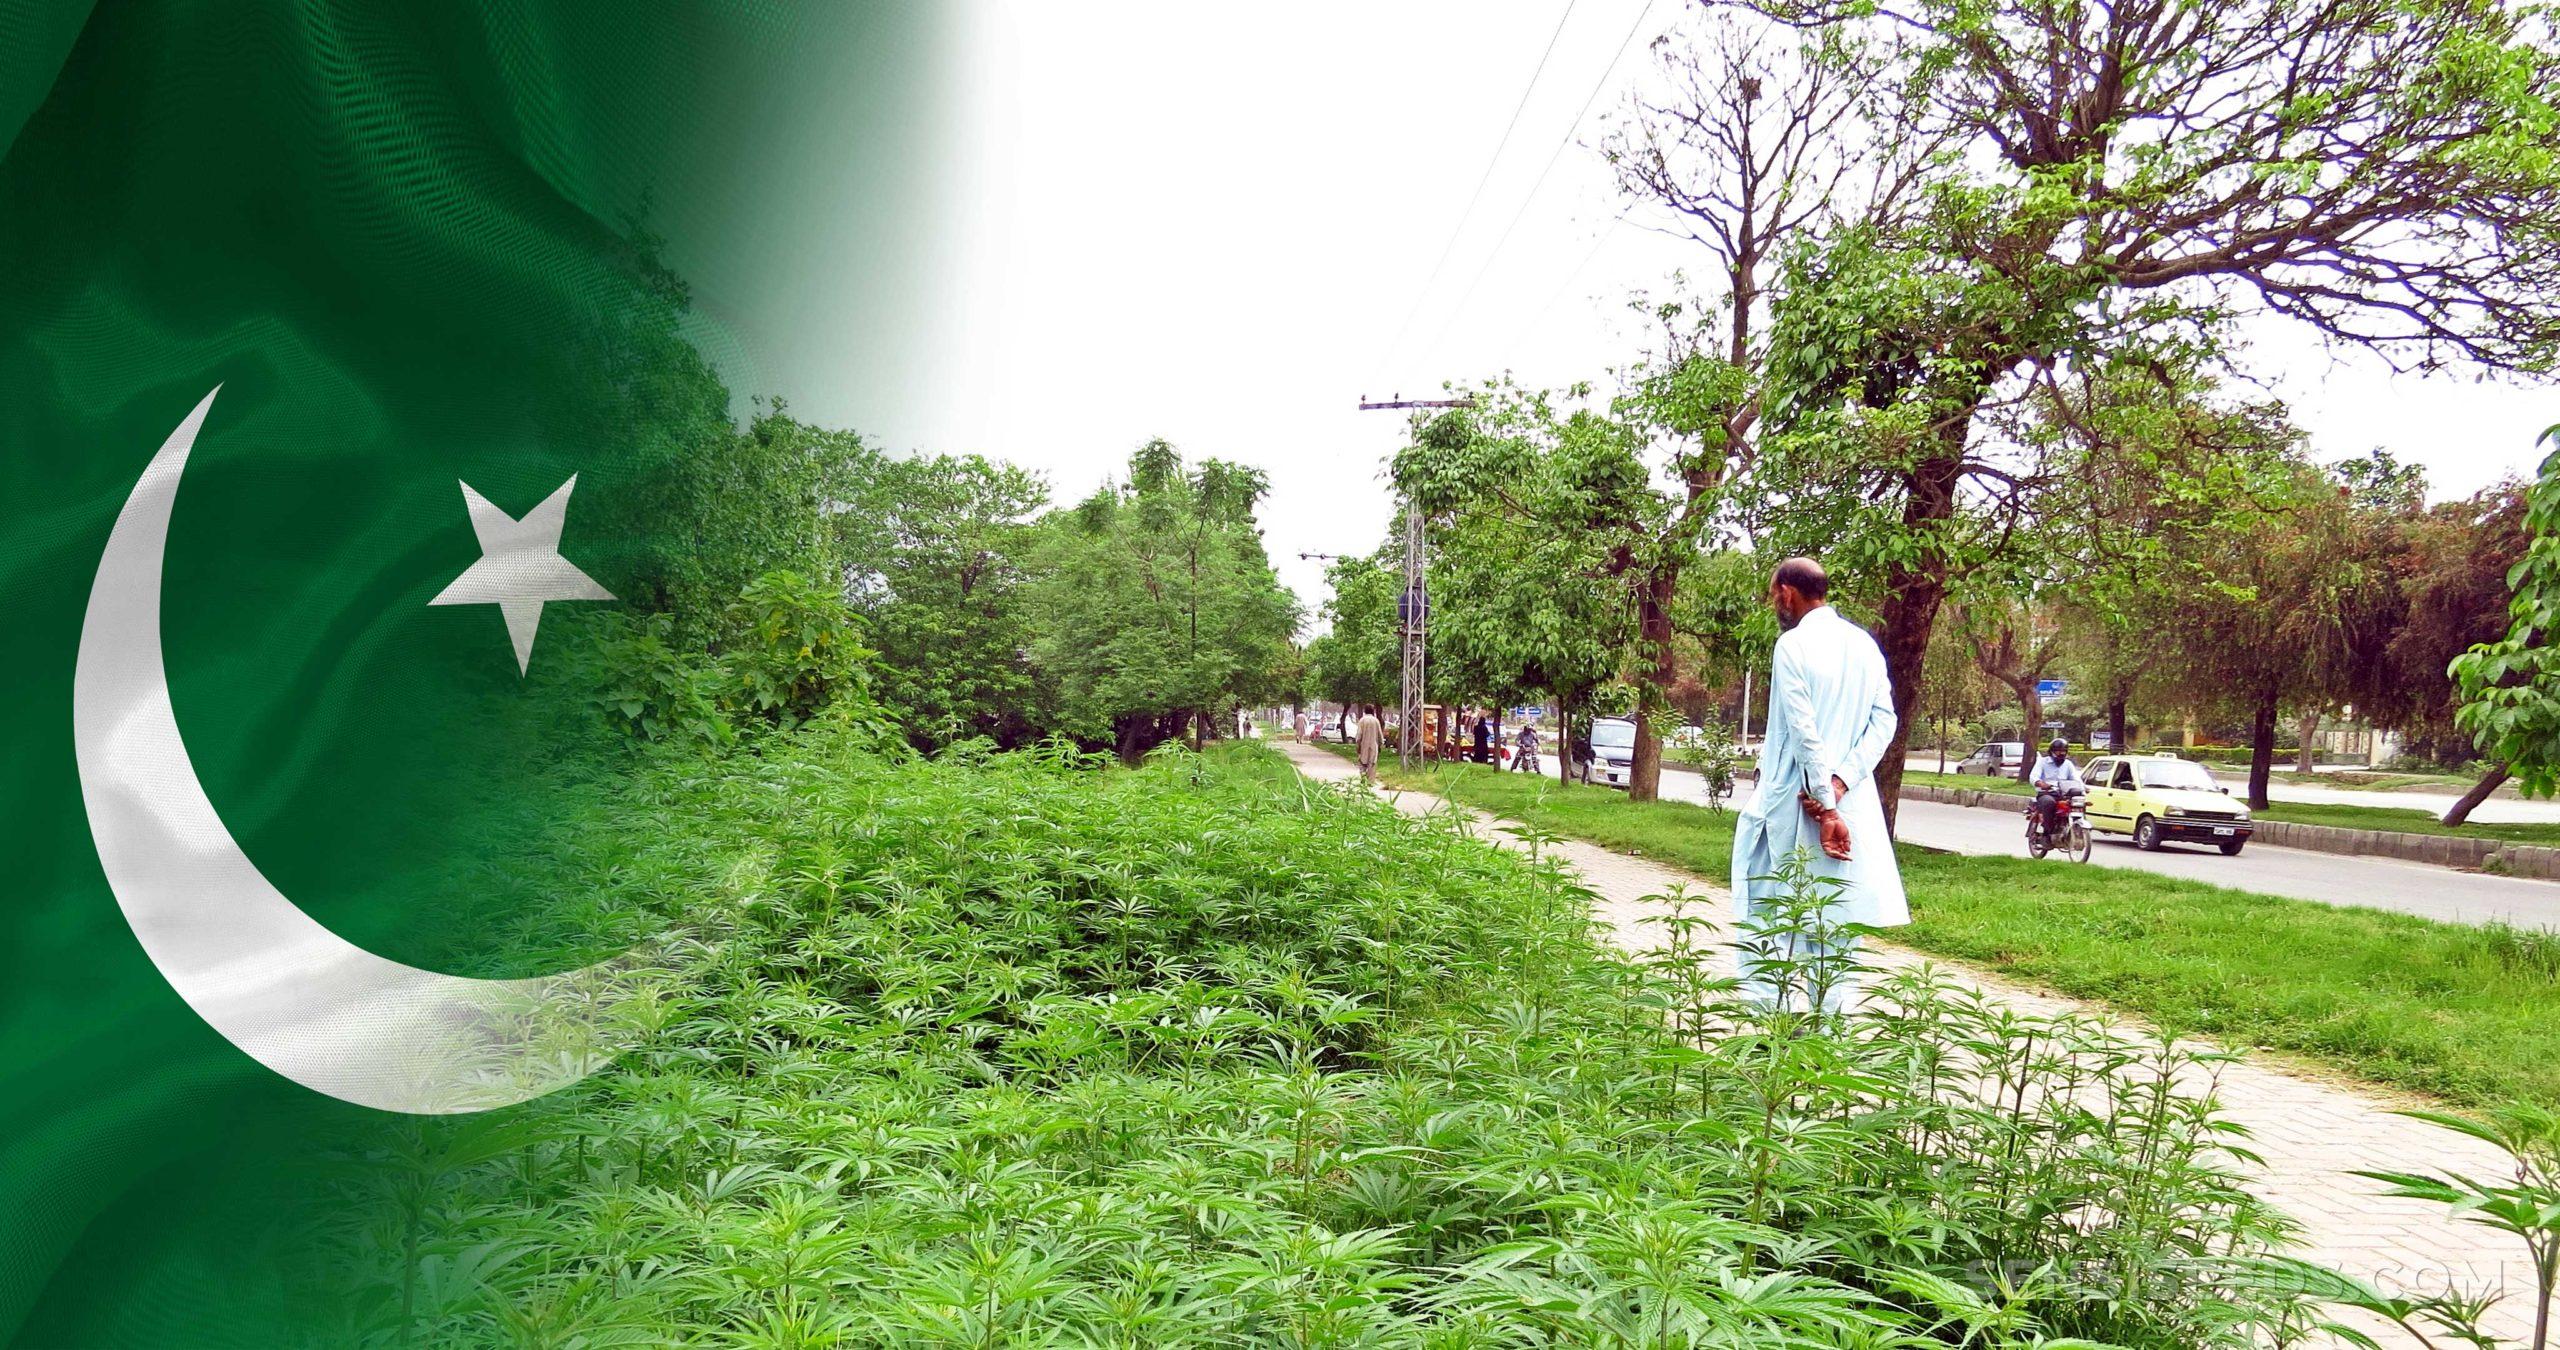 Le drapeau pakistanais et les plantes de cannabis poussent sur le bord de la route